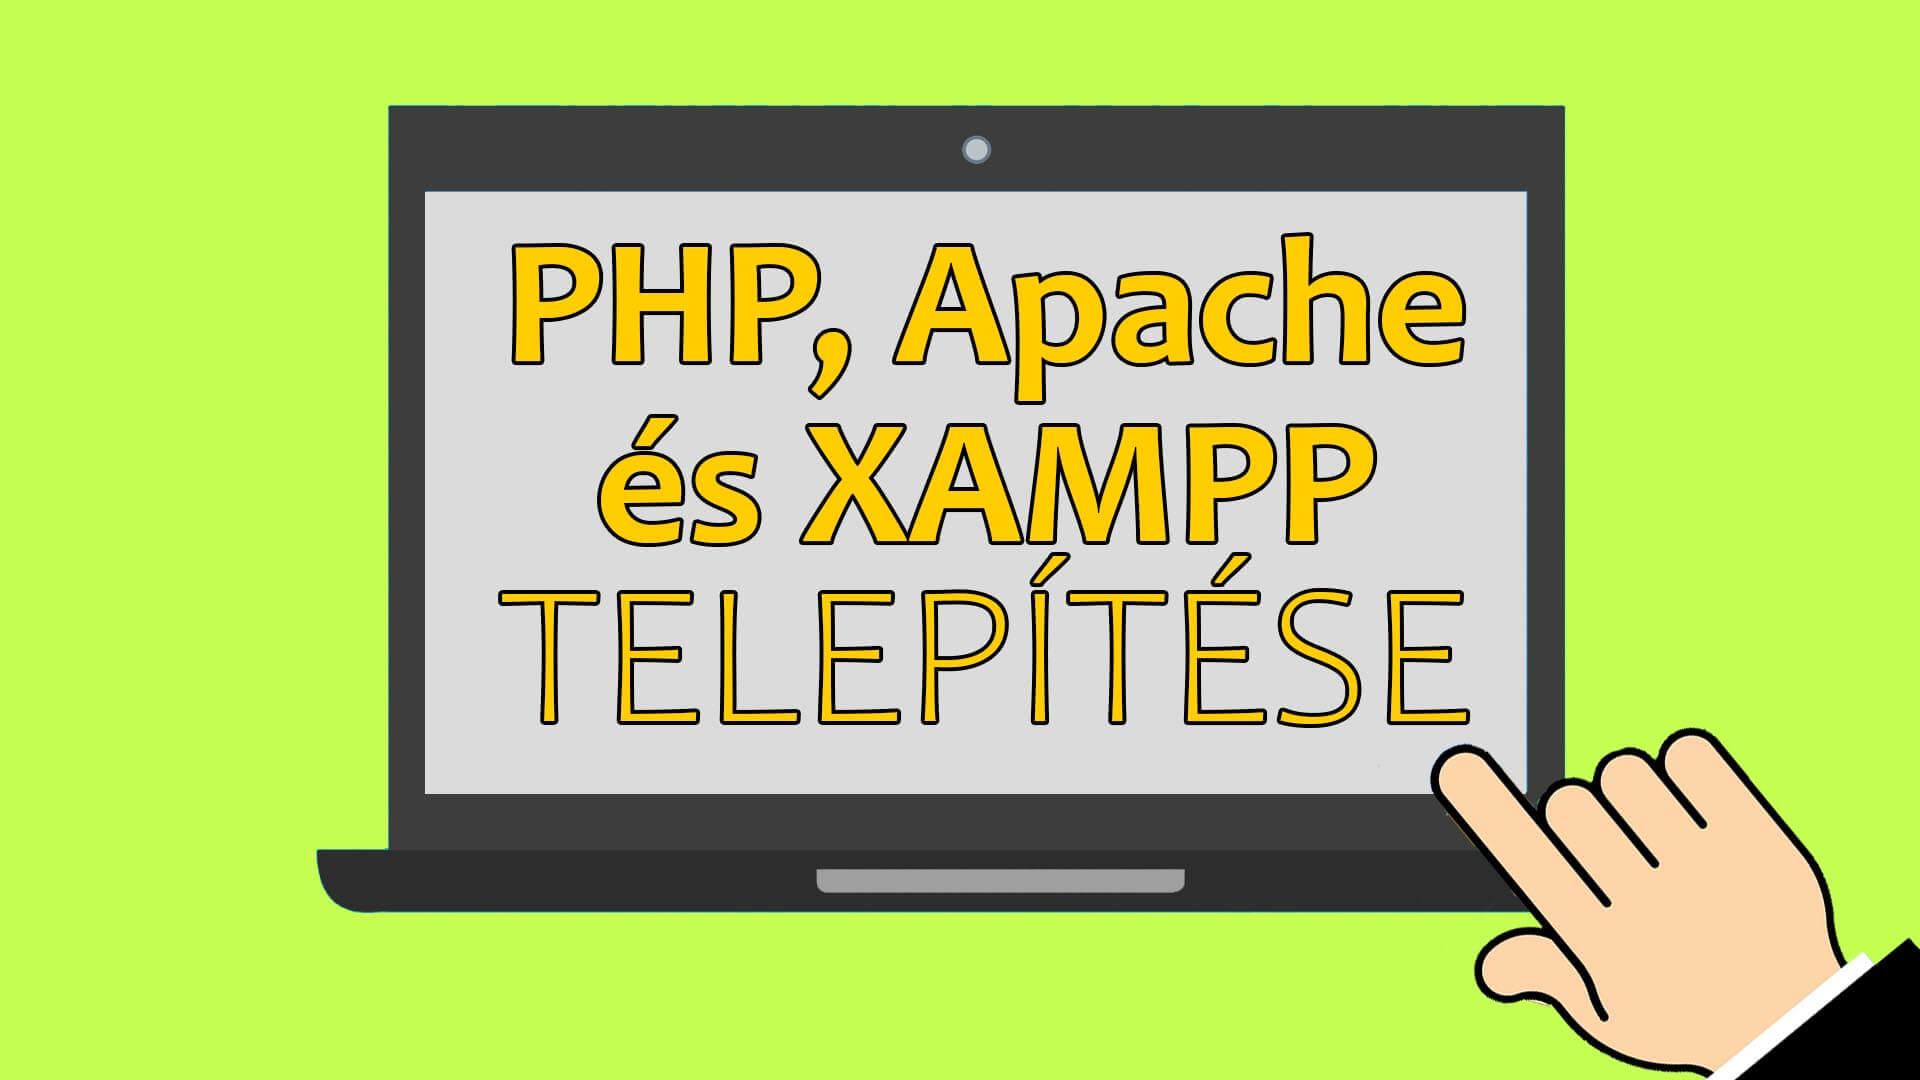 PHP, Apache és XAMPP letöltése, telepítése című cikk borítóképe